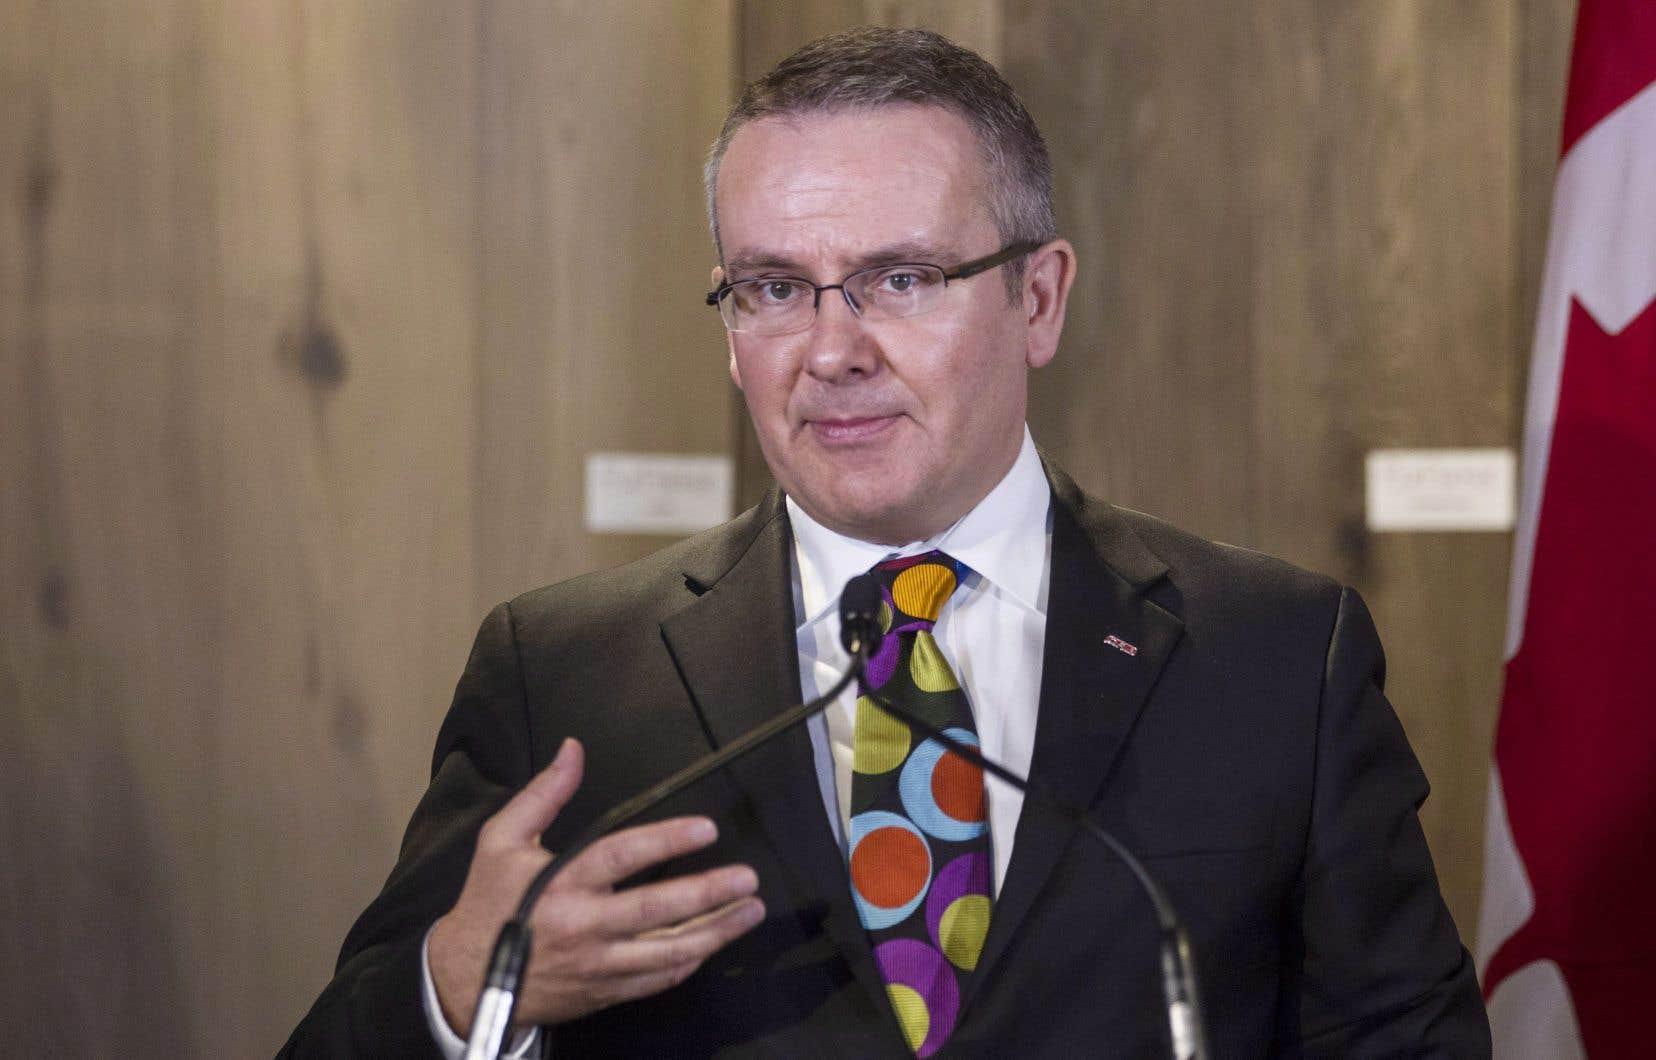 Le président de la FCEI, Dan Kelly, a souligné que les deux premiers confinements avaient été dévastateurs, et qu'aujourd'hui, une entreprise sur six envisageait une fermeture définitive.